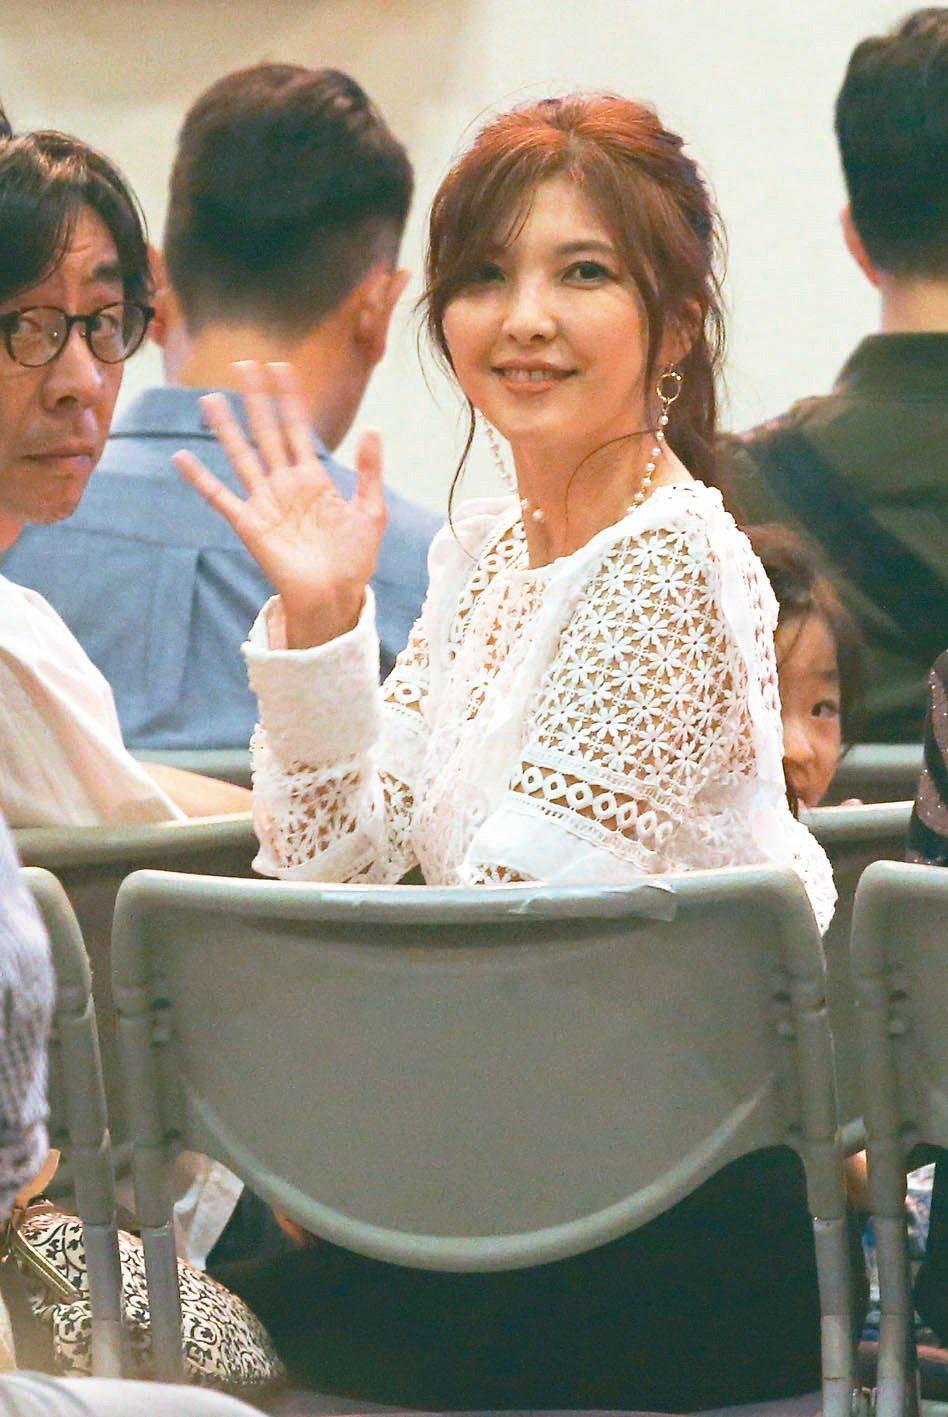 相馬茜現身觀賞老公李玖哲台北小巨蛋演唱會。 圖/聯合報系資料照